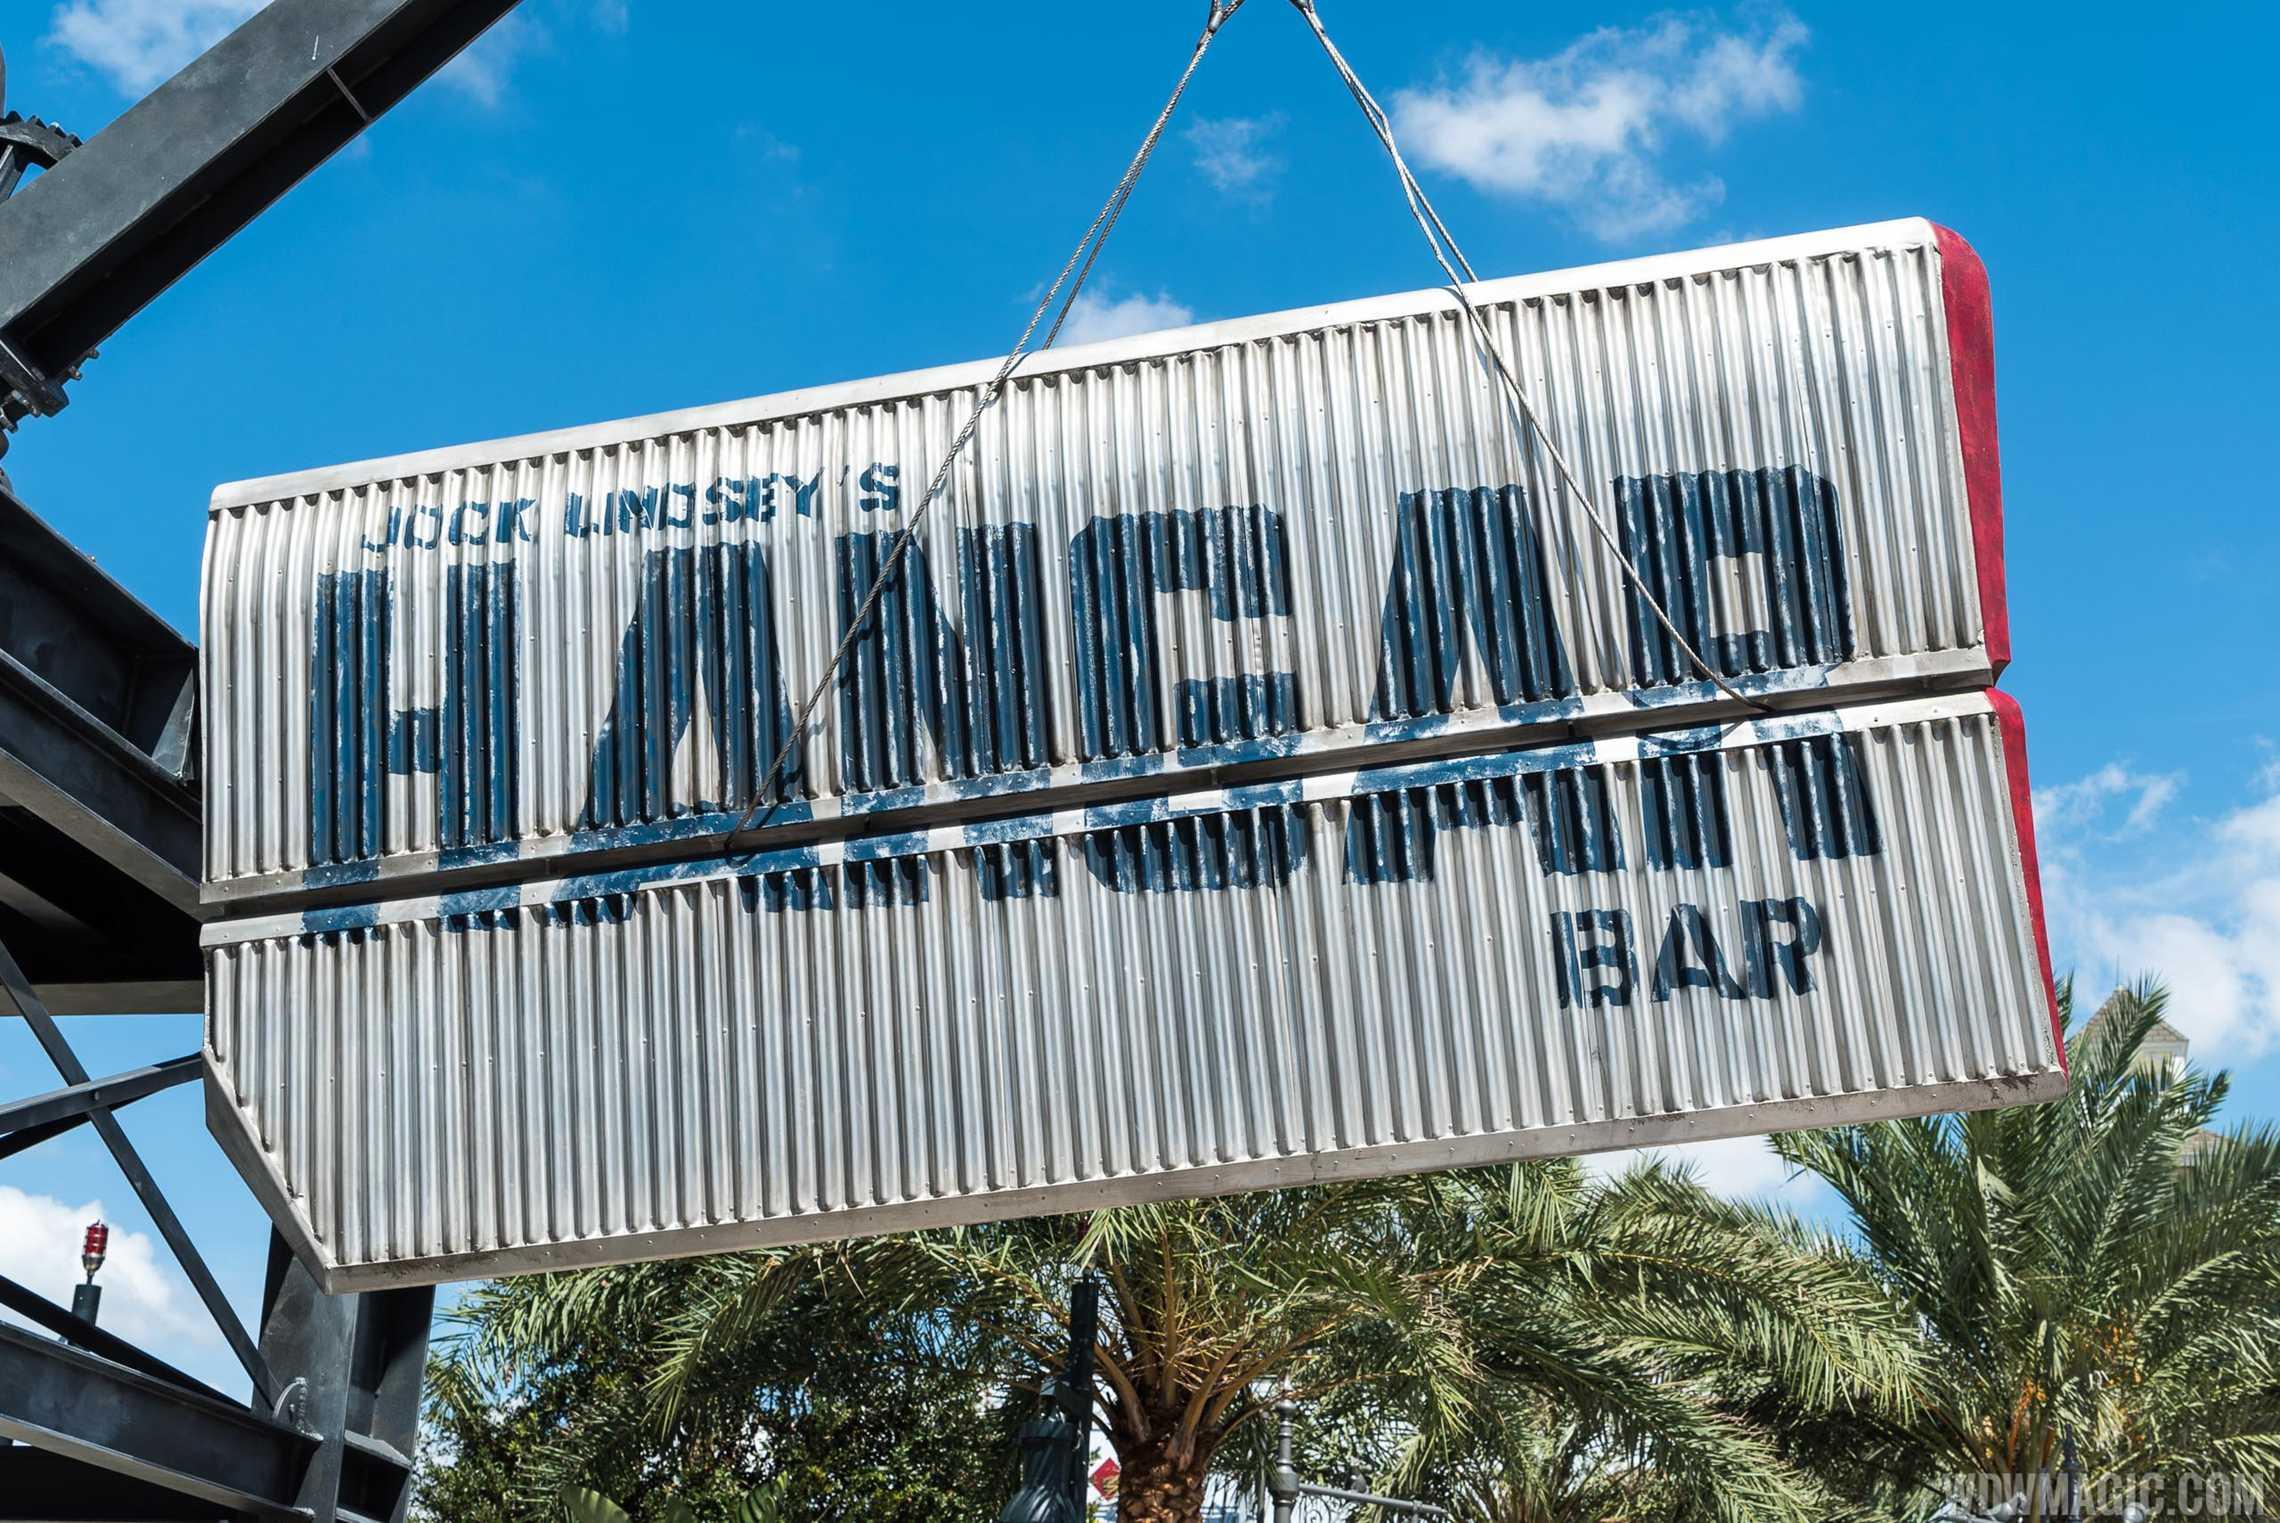 Jock Lindsey's Hangar Bar - Closeup of Signage